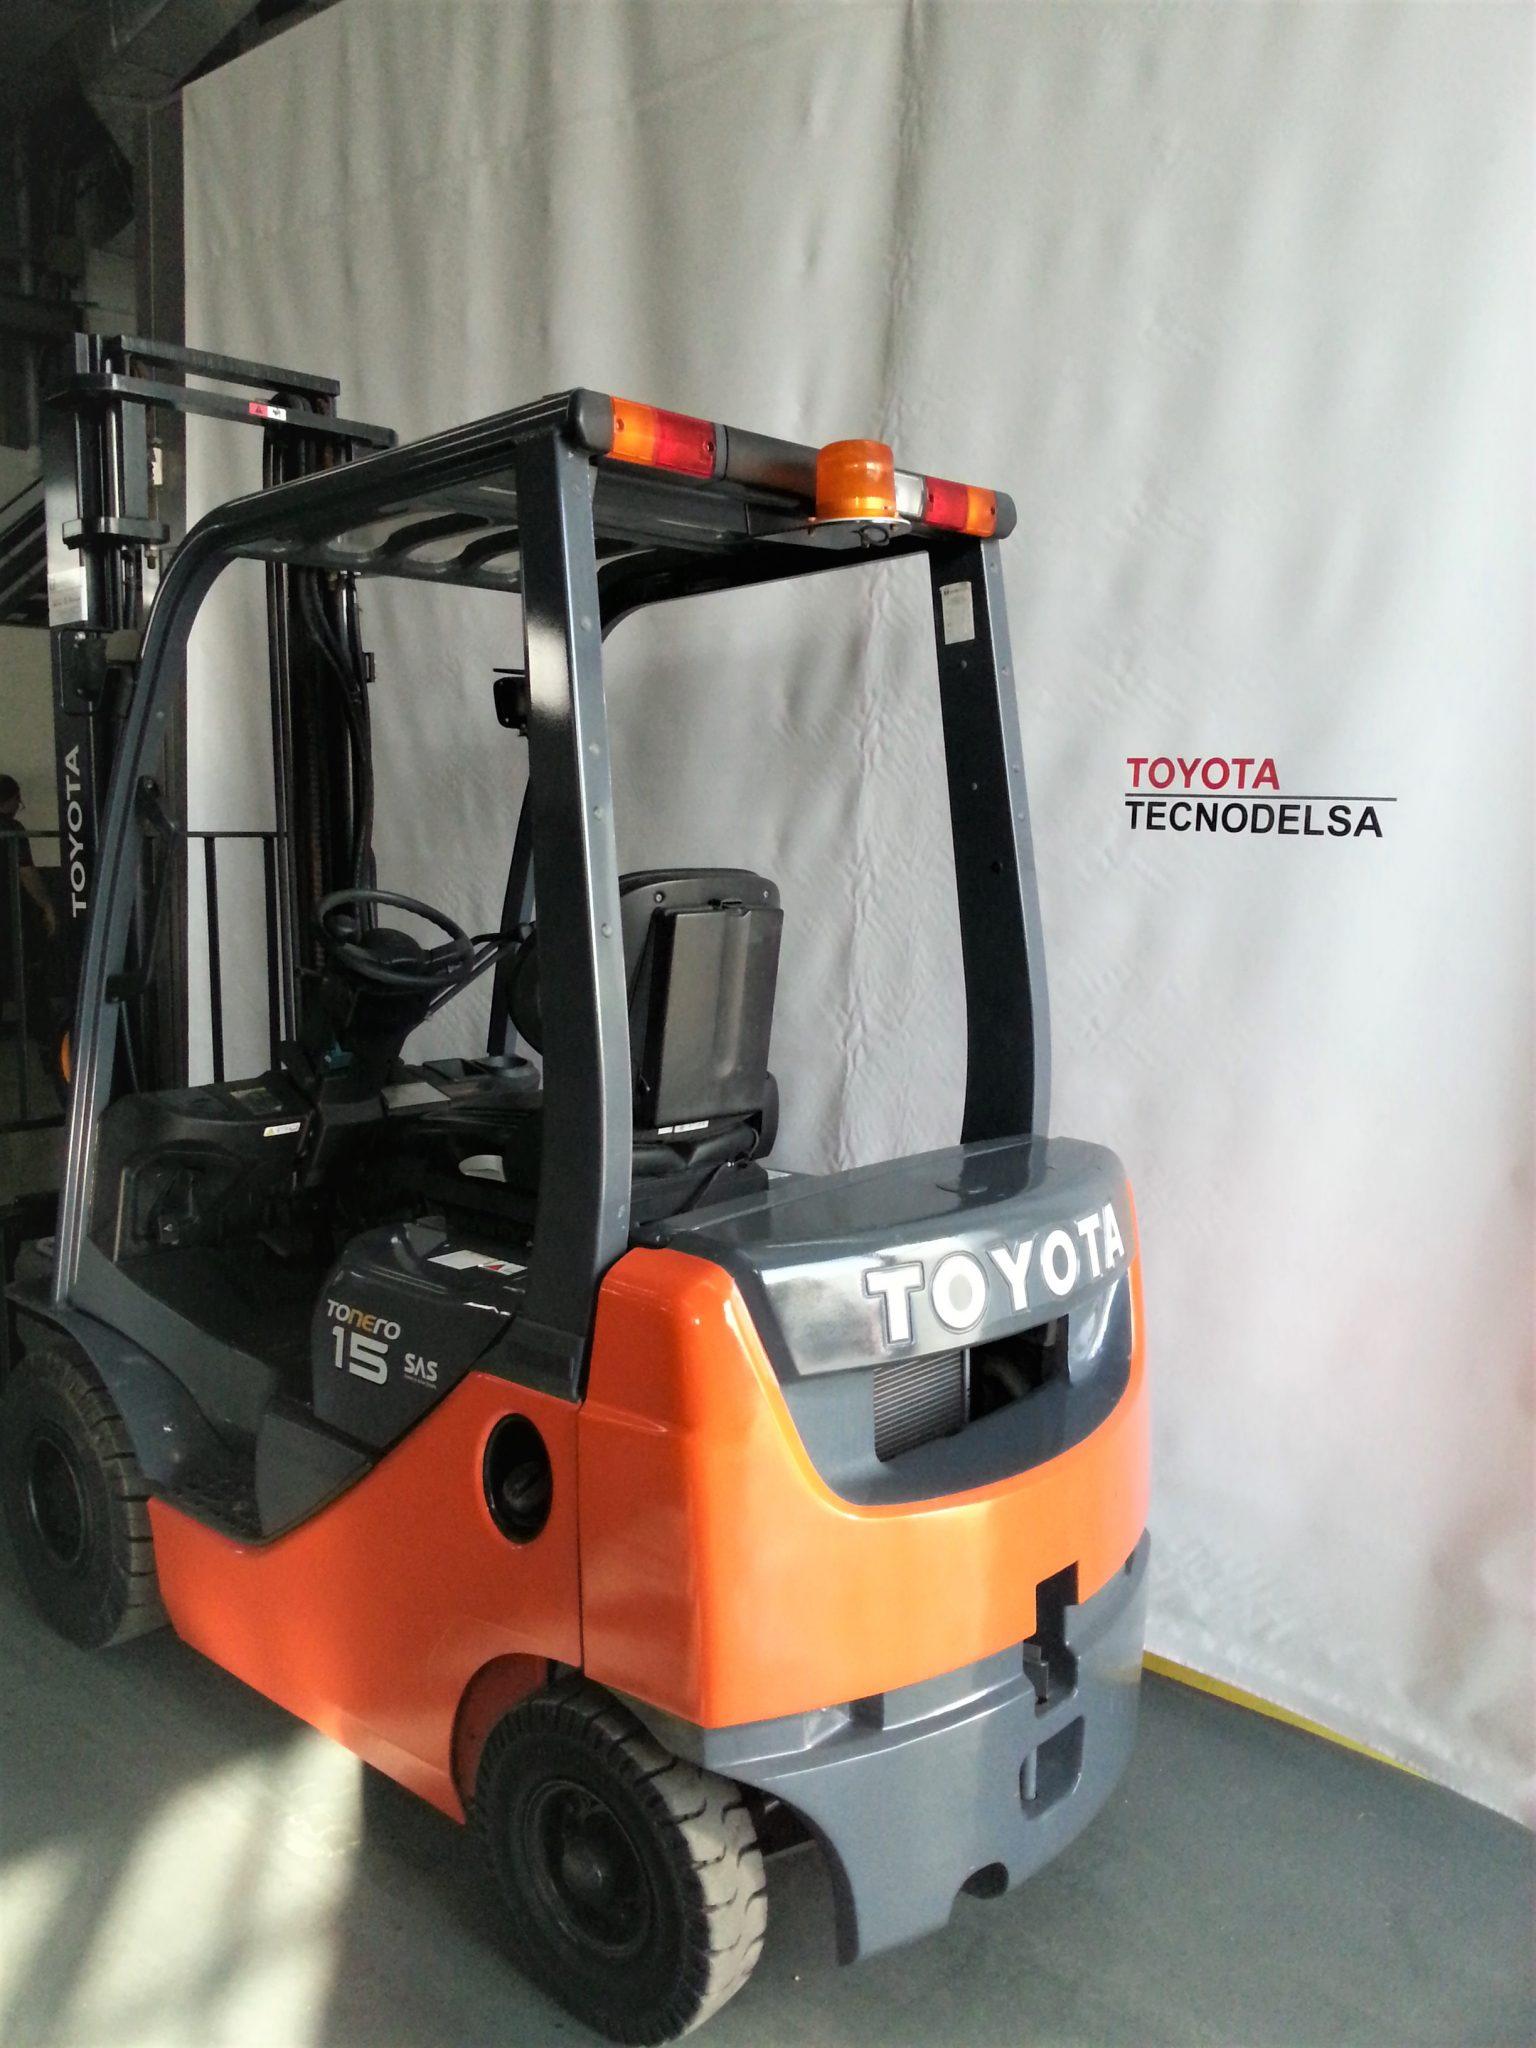 Toyota 02-8FDF-15 Nº 30304-3